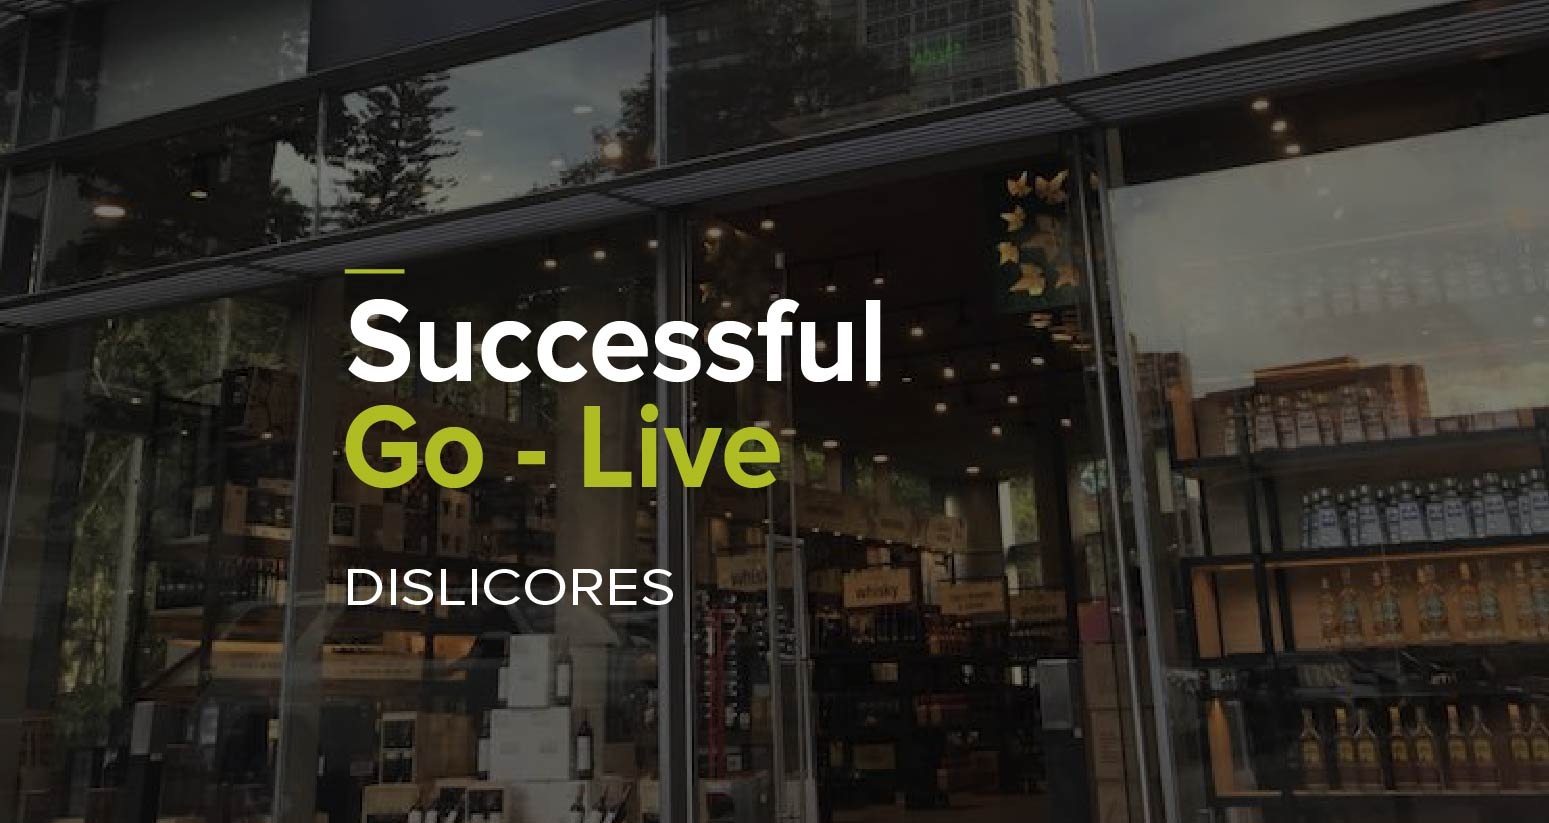 Dislicores Successful Go Live-01